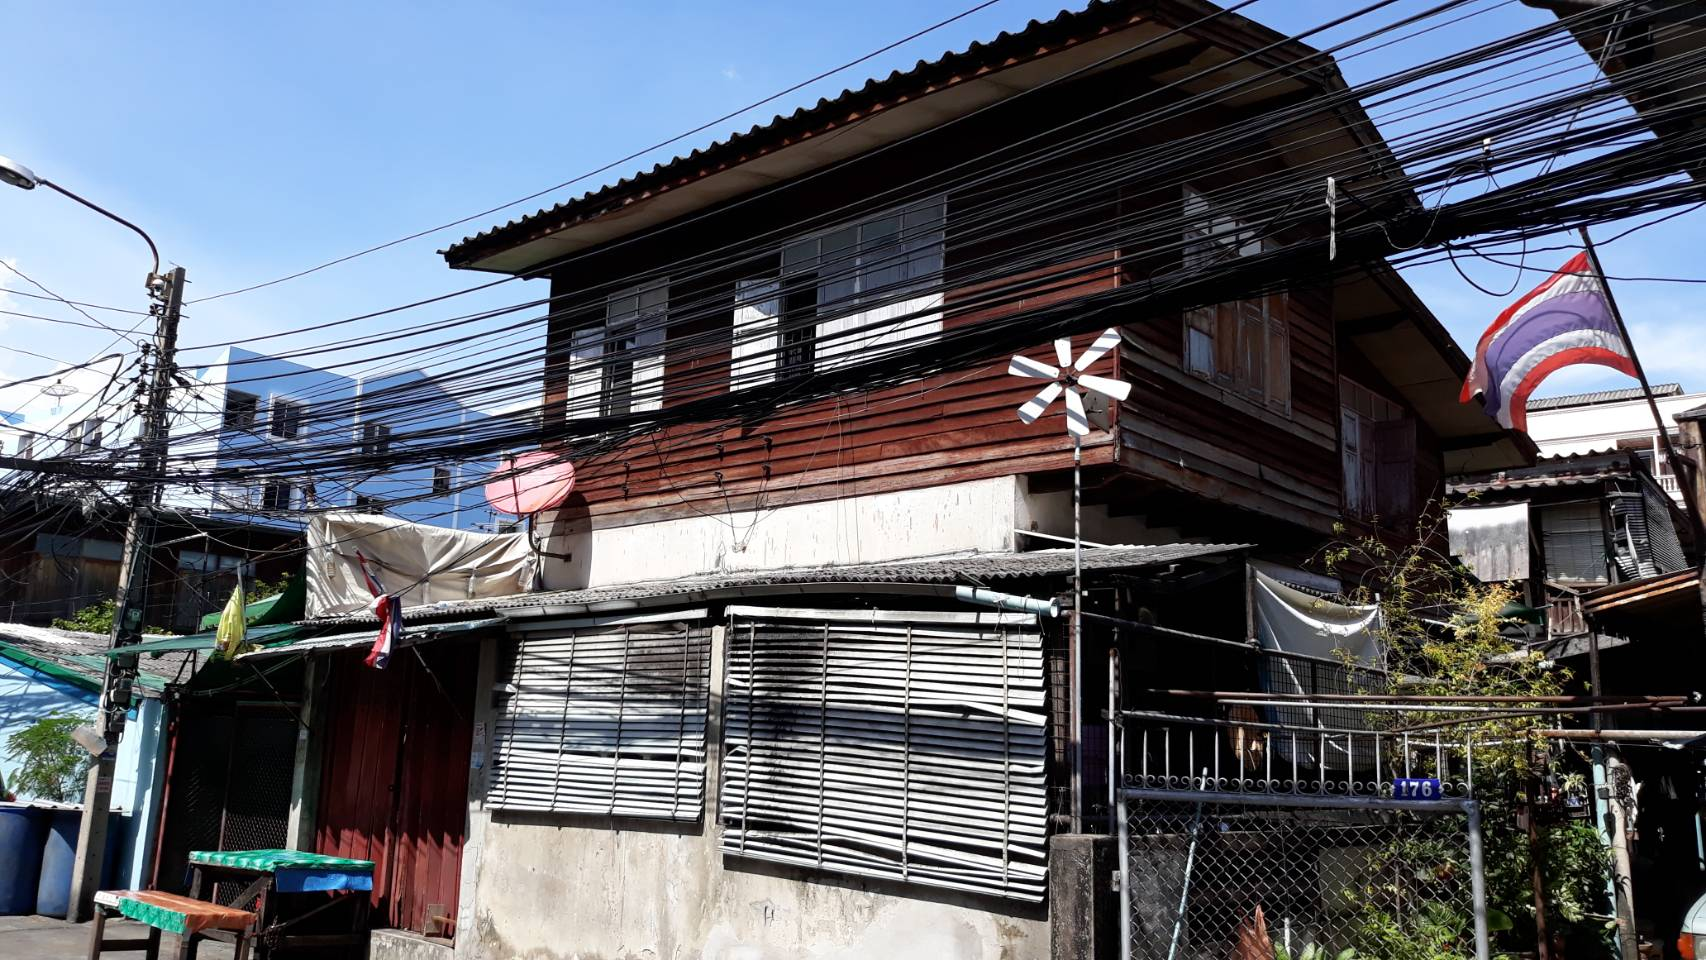 ขายที่ดิน แถมบ้านไม้2ชั้น ถนนรัชดาภิเษก7แยก15-4-1 ซอยเปรมสมบัติ4 ใกล้MRTห้วยขวาง,MRTศูนย์วัฒนธรรม